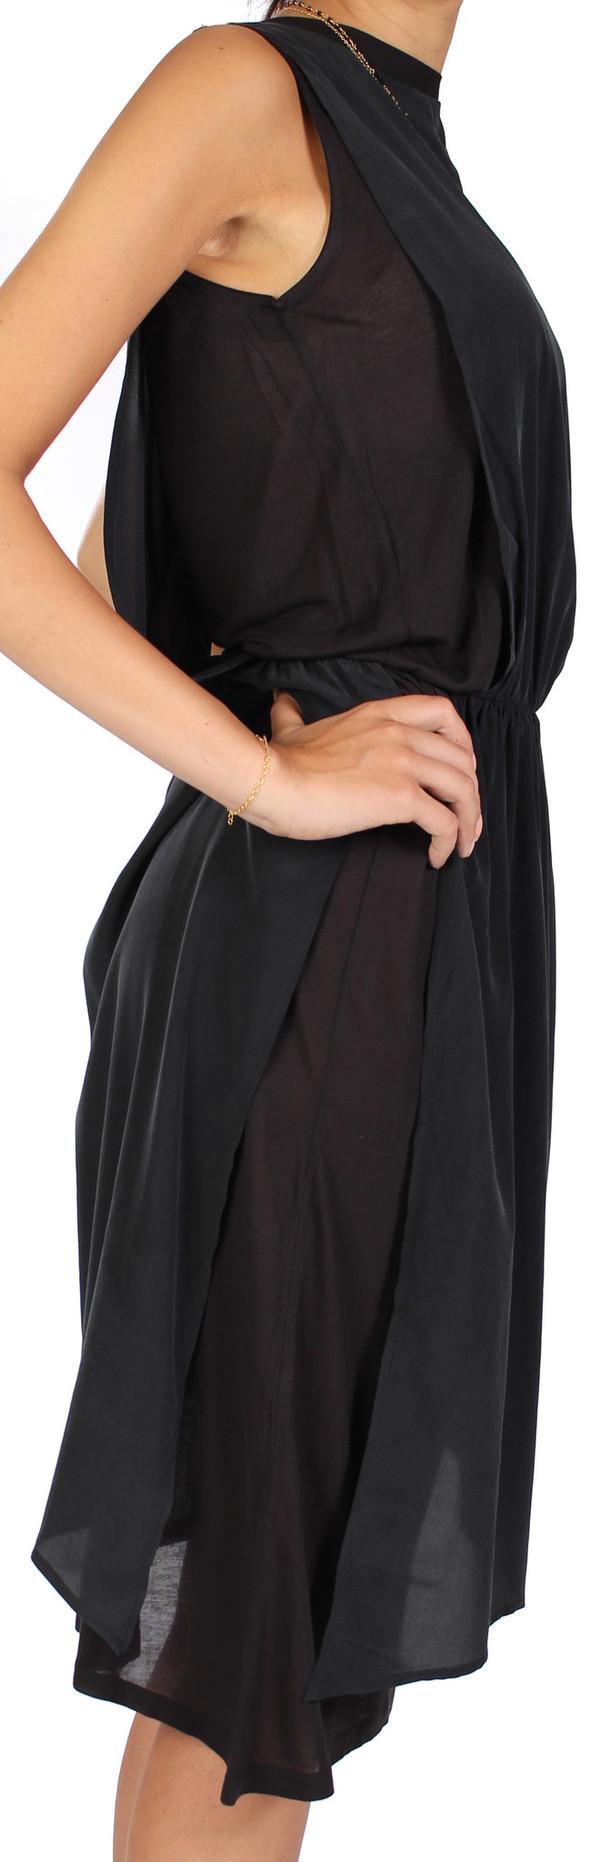 Drifter Fissure Dress